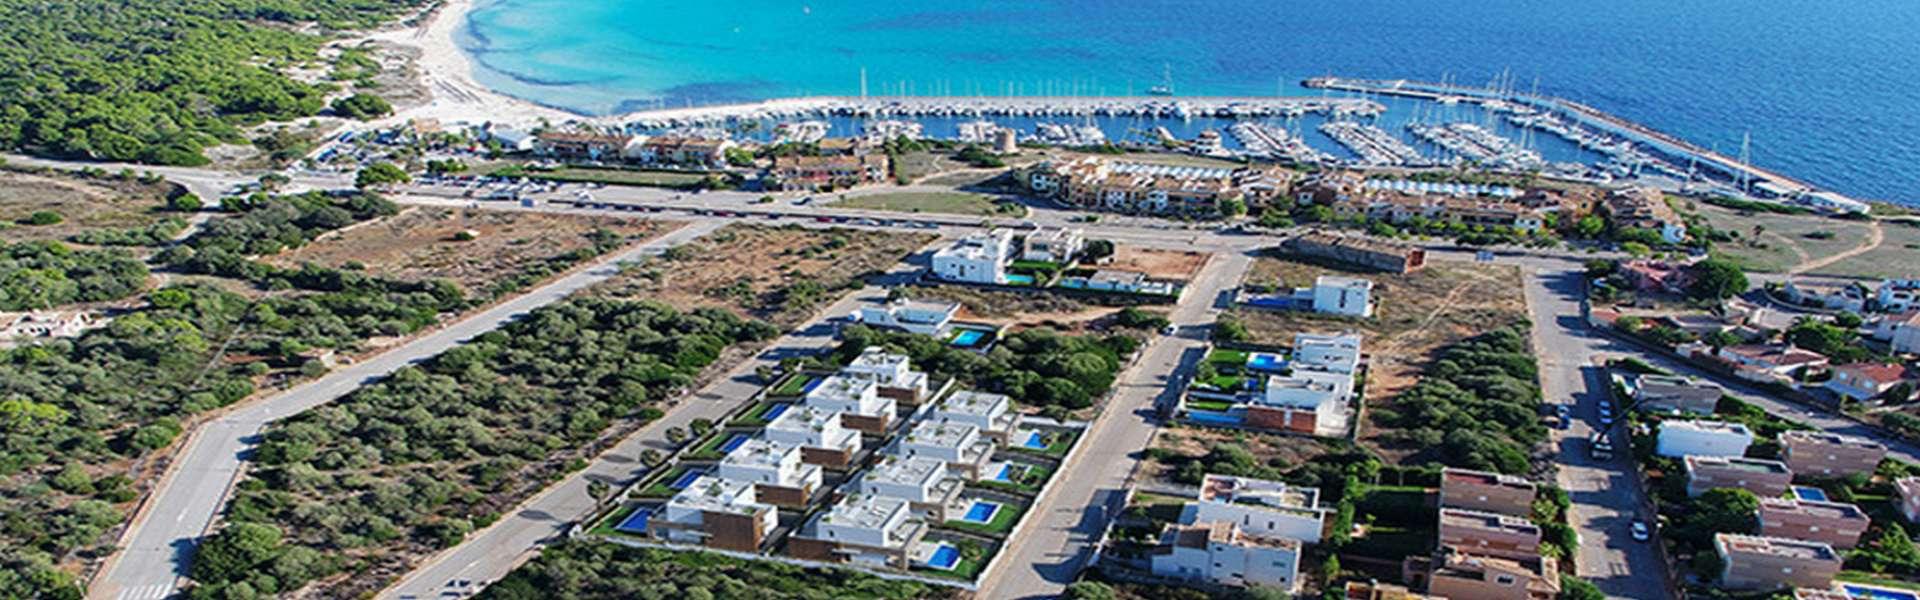 Villas de lujo cerca de la playa - Sa Ràpita